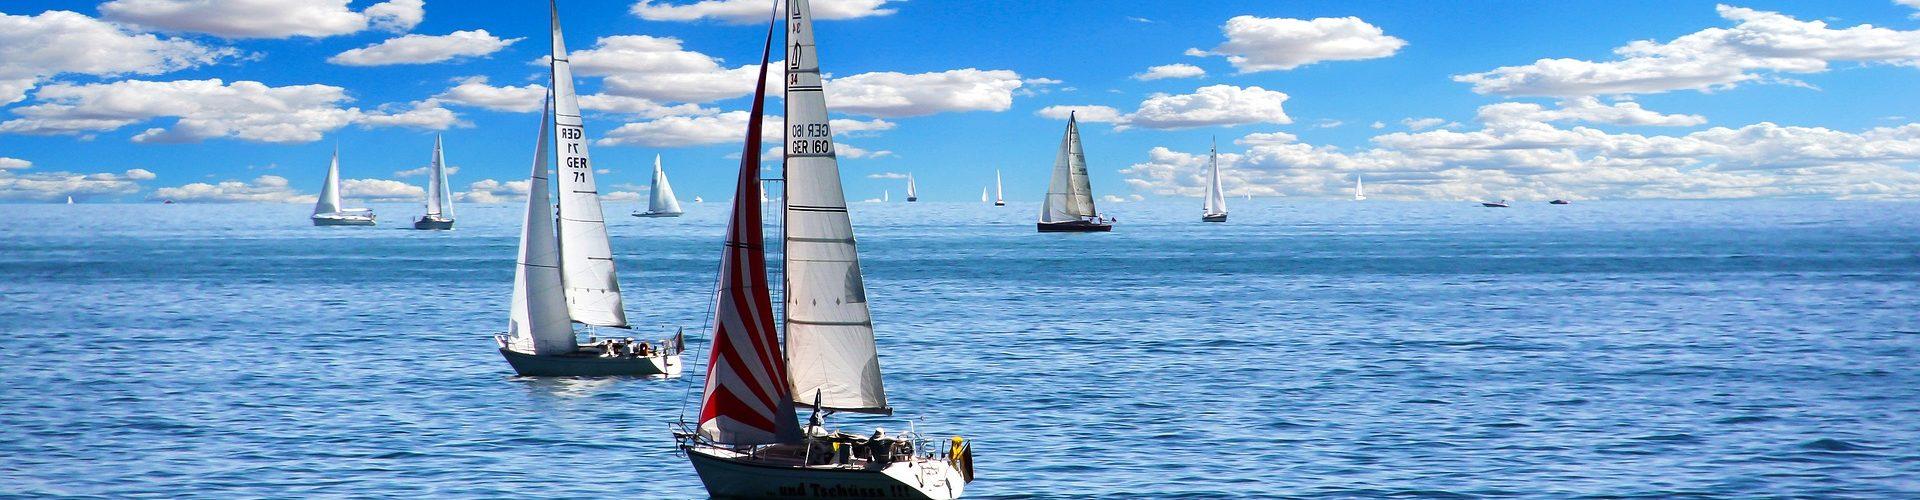 segeln lernen in Kirchheimbolanden segelschein machen in Kirchheimbolanden 1920x500 - Segeln lernen in Kirchheimbolanden